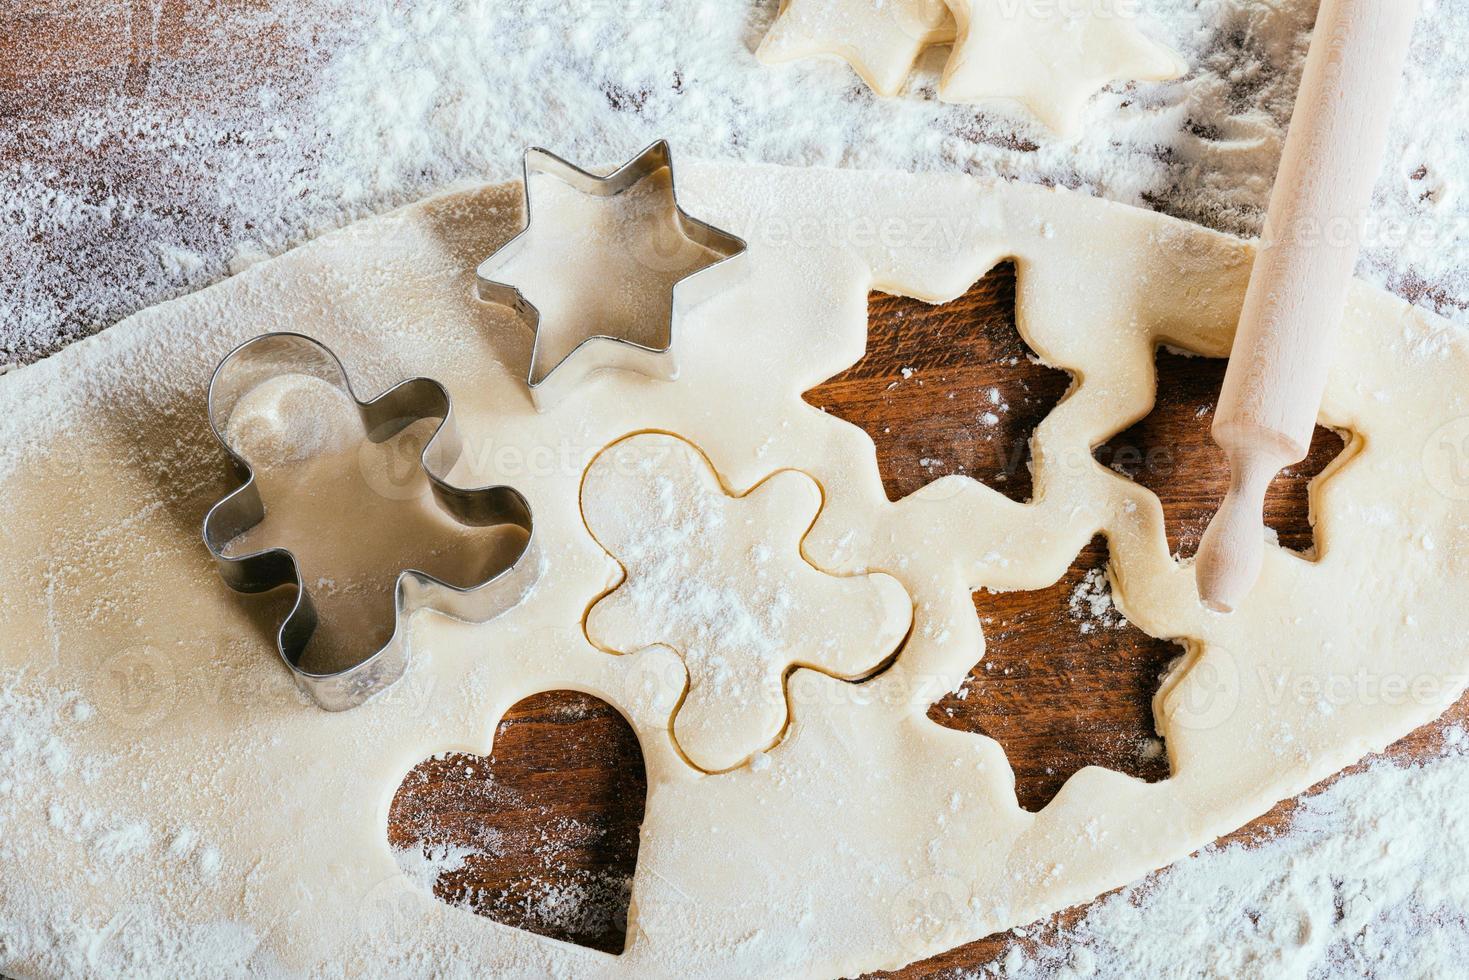 faire des biscuits au sucre frais photo